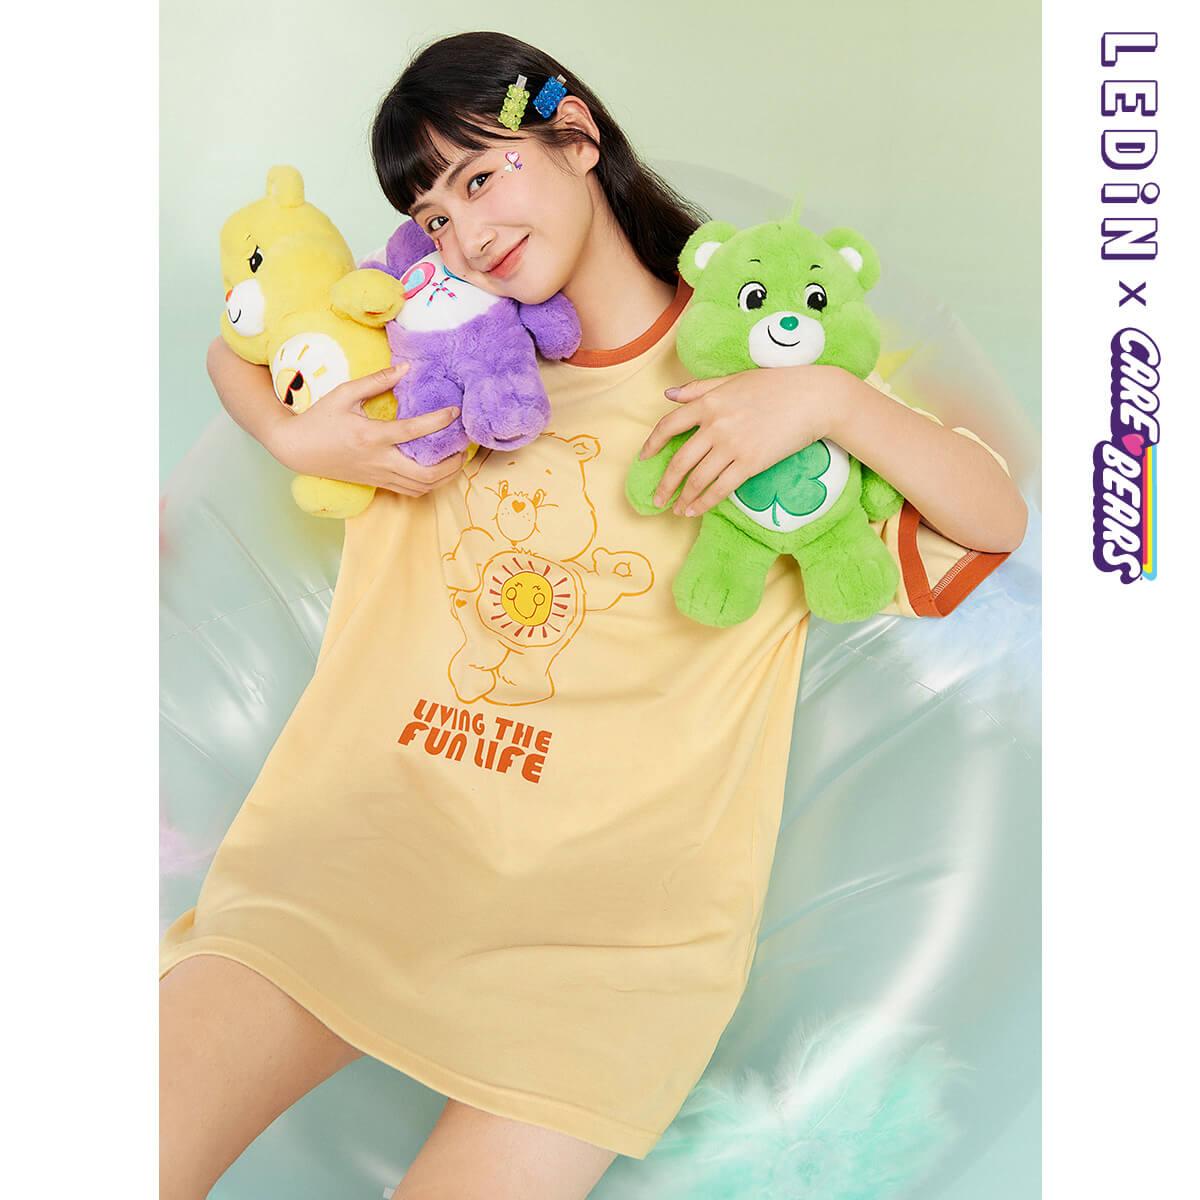 【愛心熊聯名】樂町可愛連衣裙2021早春少女心俏皮印花T卹連衣裙